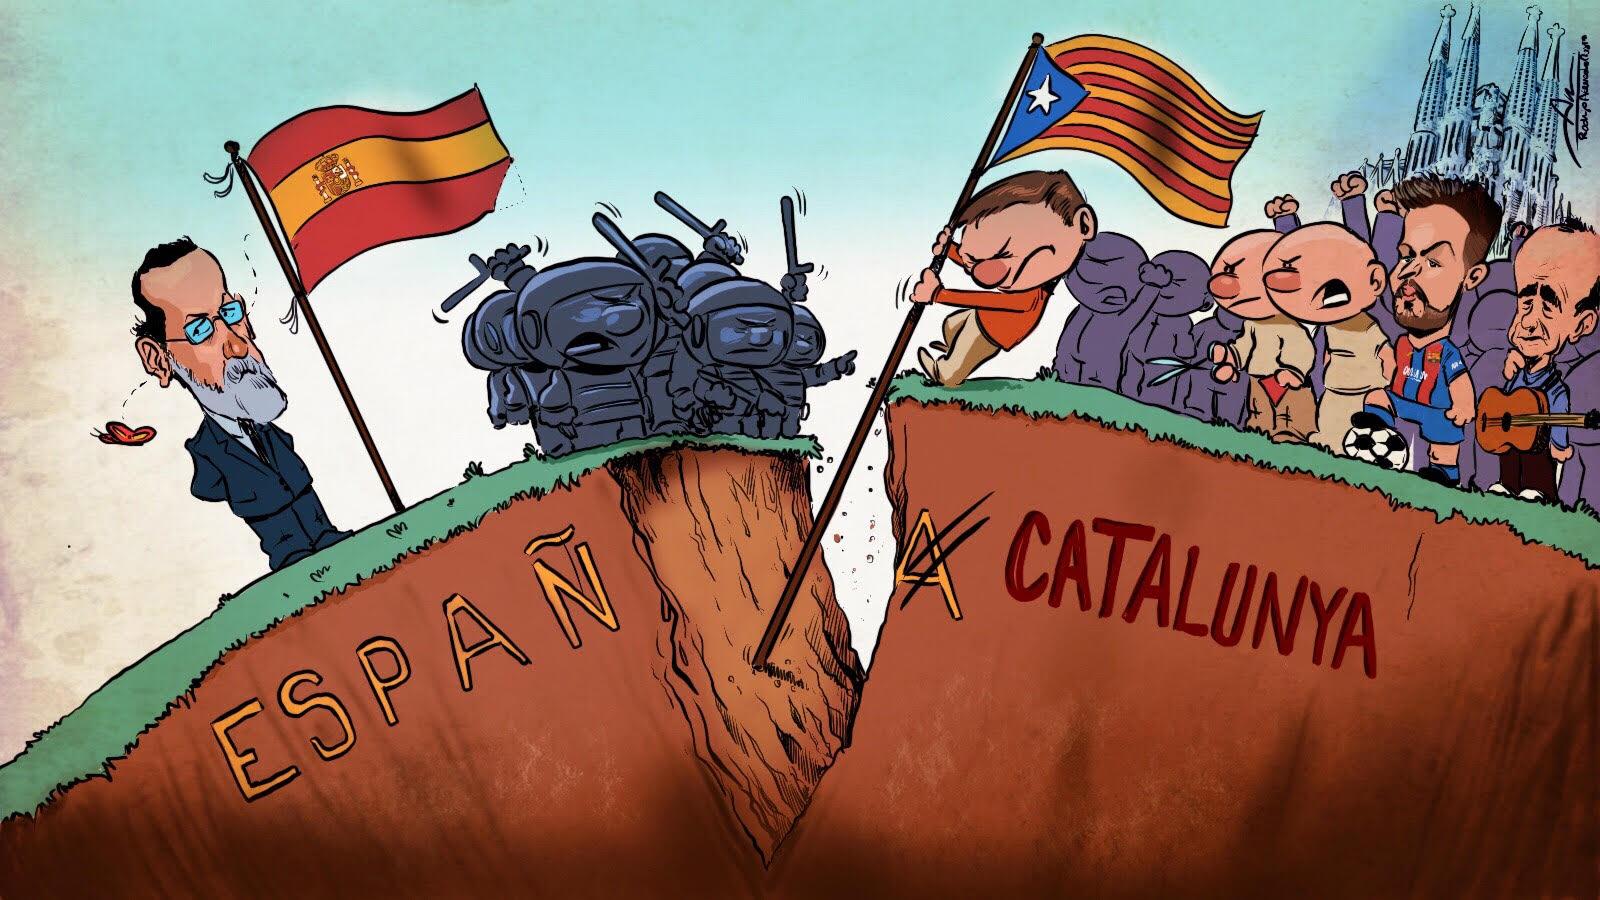 """Noul """"Don Quijote"""" și totul despre ruptura Spania-Catalunya. Istorie, criză, pușcărie, populism, bani pierduți și de la capăt"""